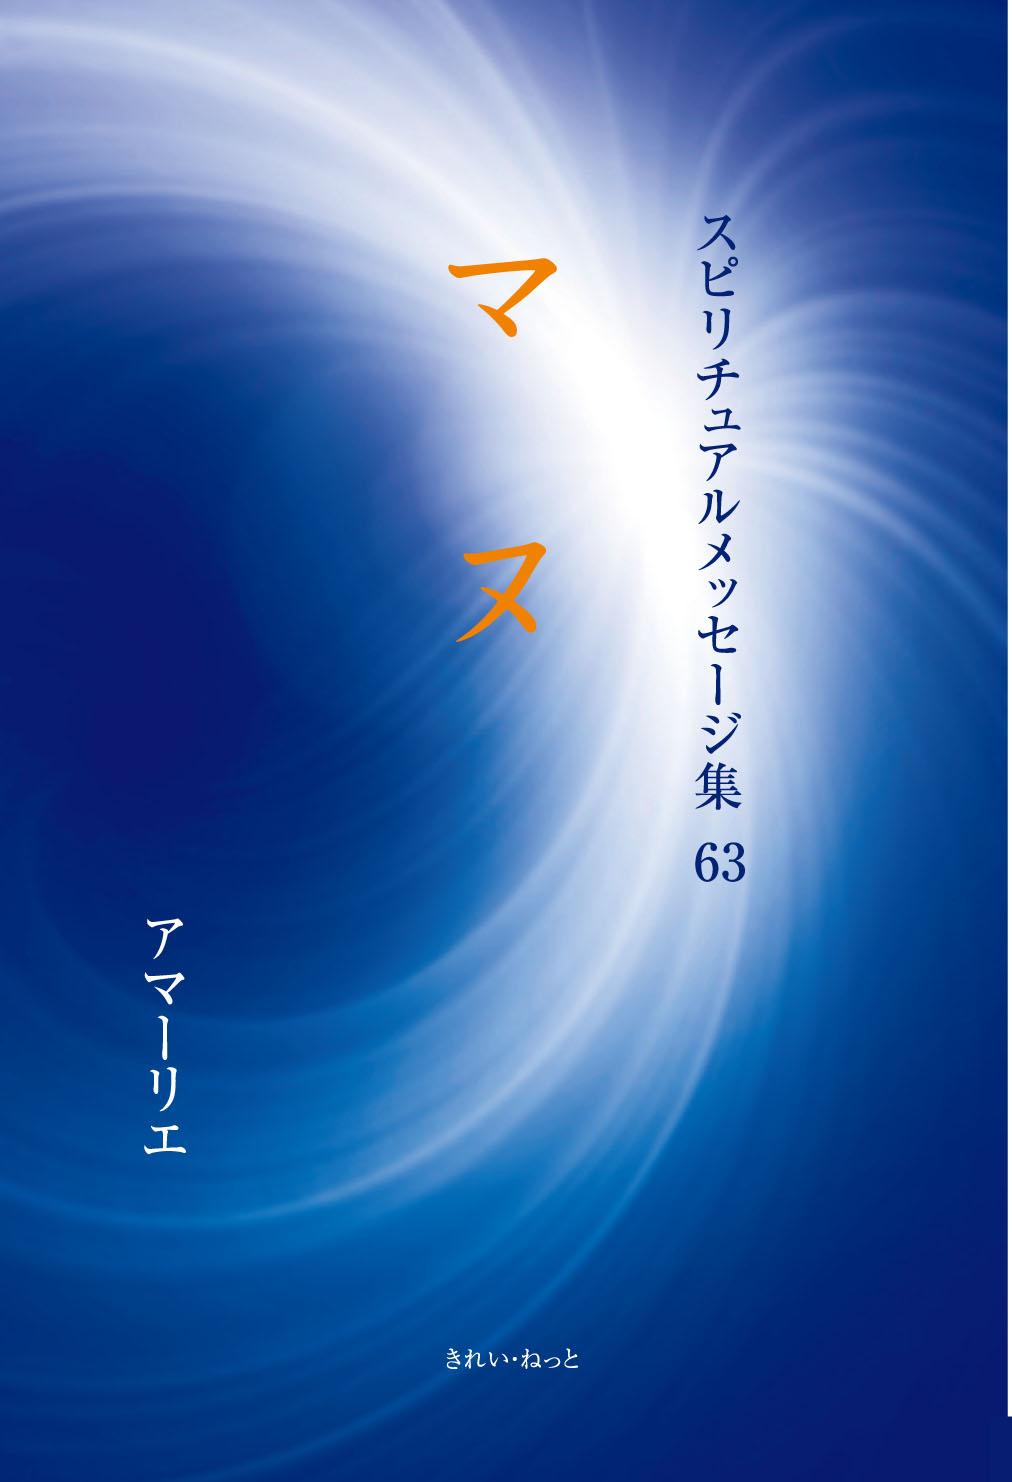 画像1: スピリチュアルメッセージ集63 マヌ (1)